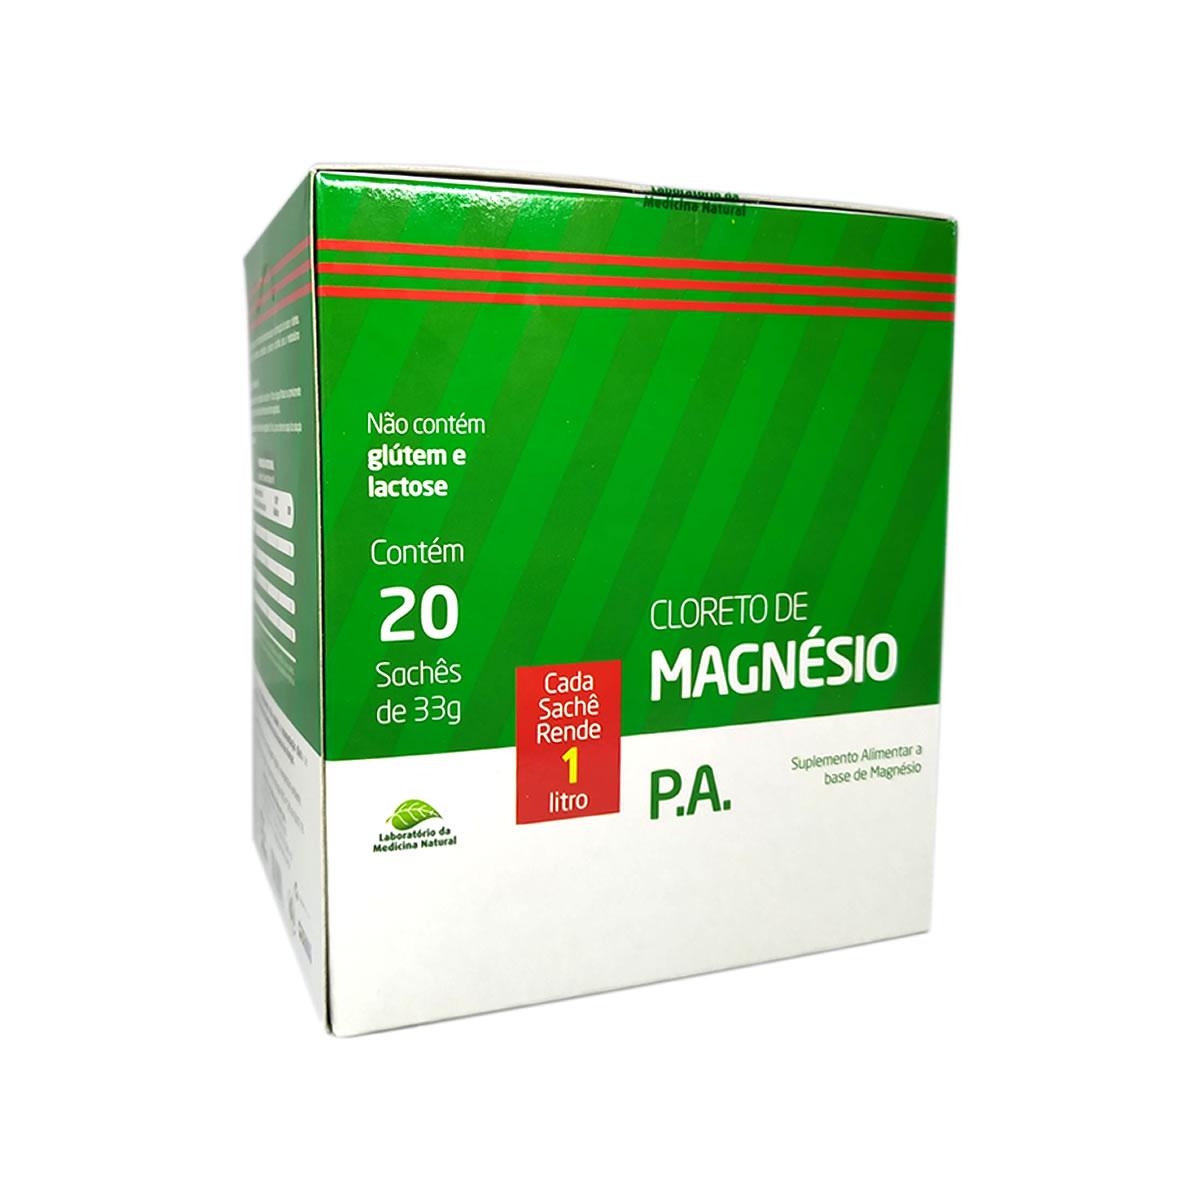 Cloreto de Magnésio PA Display com 20 sachês de 33g - Medinal